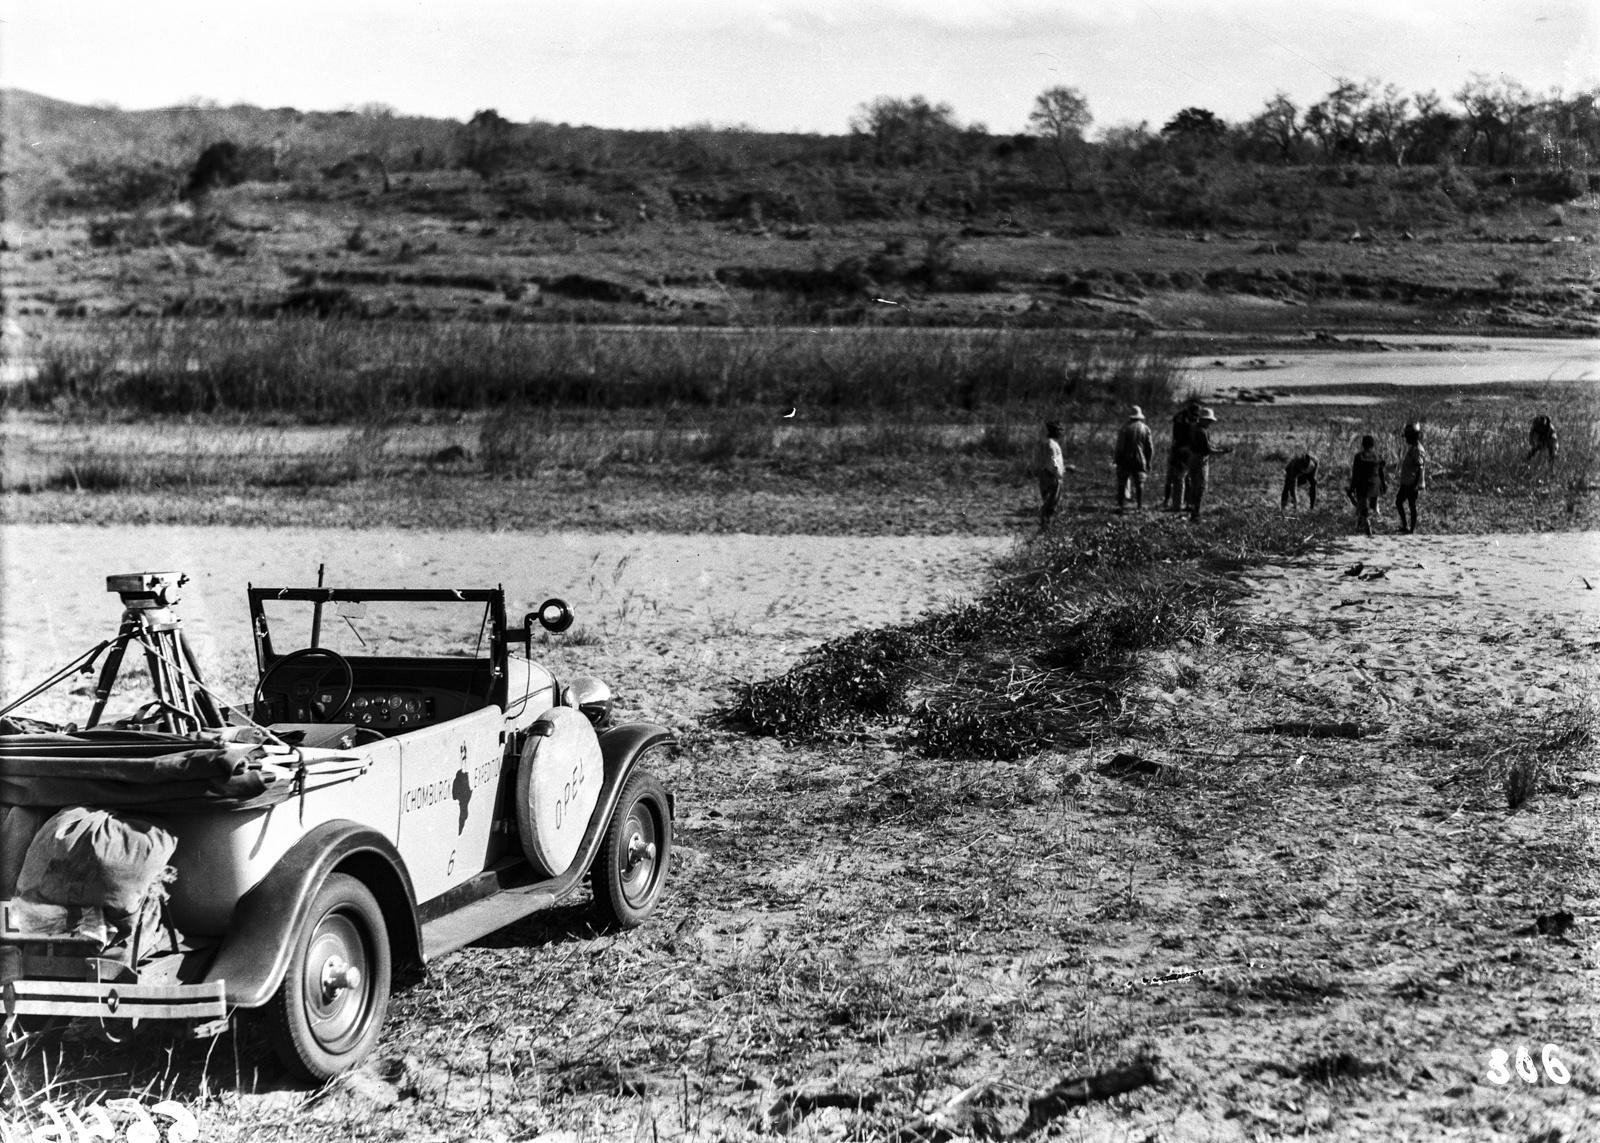 Южно-Африканский Союз. Квазулу-Наталь. Экспедиционный автомобиль. На заднем плане участники экспедиции по исследованию района